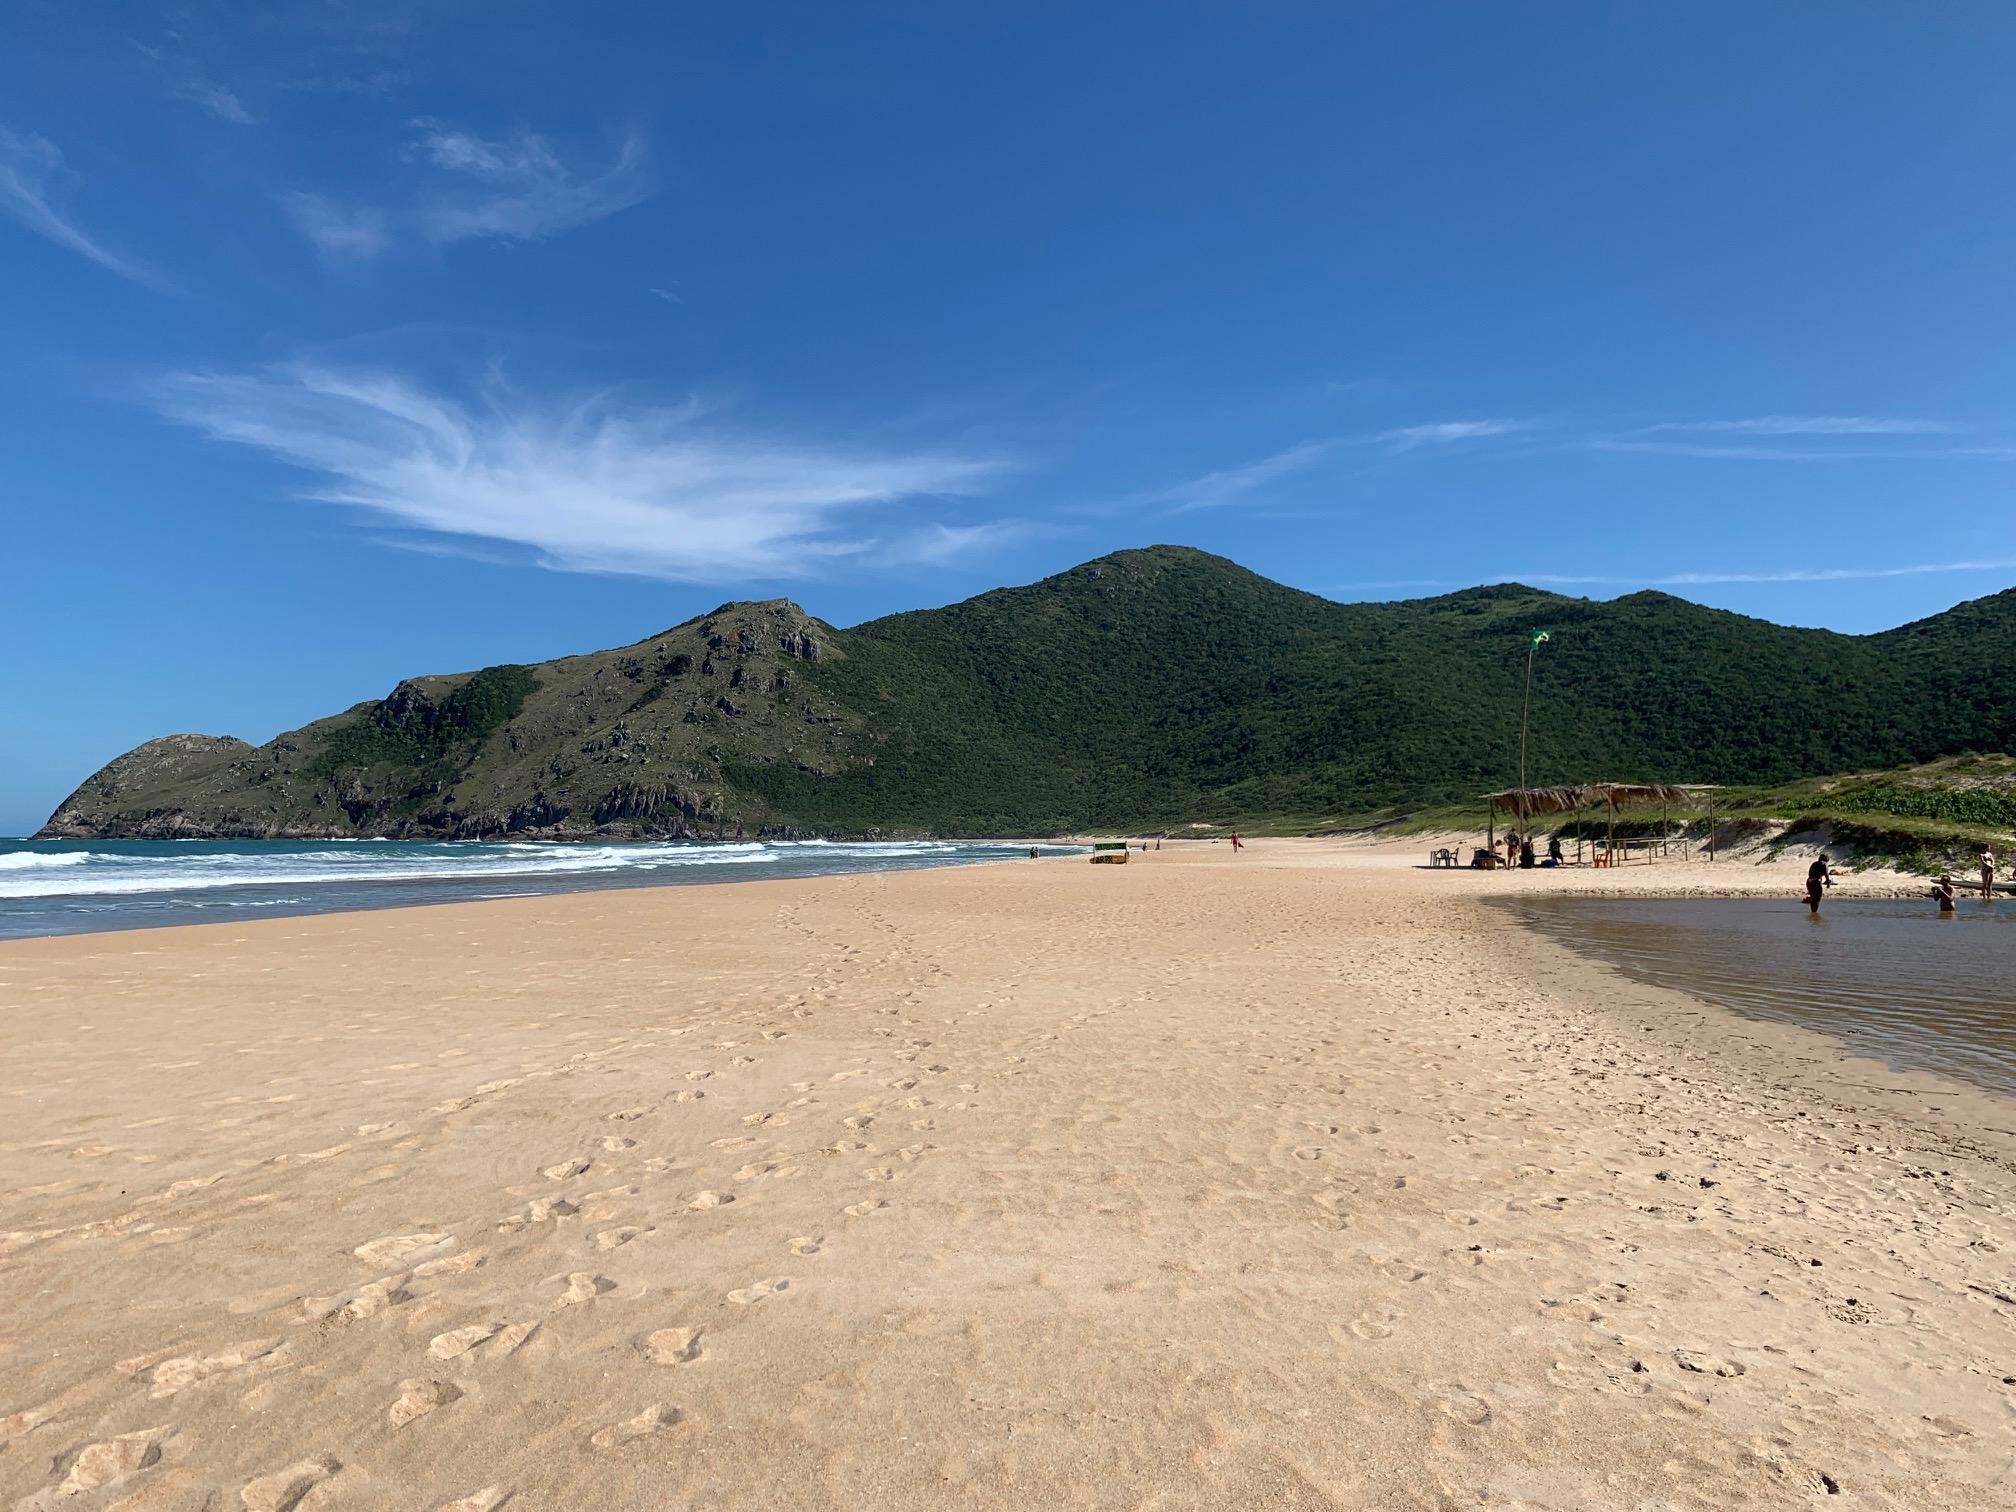 Montaña, lago, mar y playa en Lagoinha do Leste (Florianópolis)